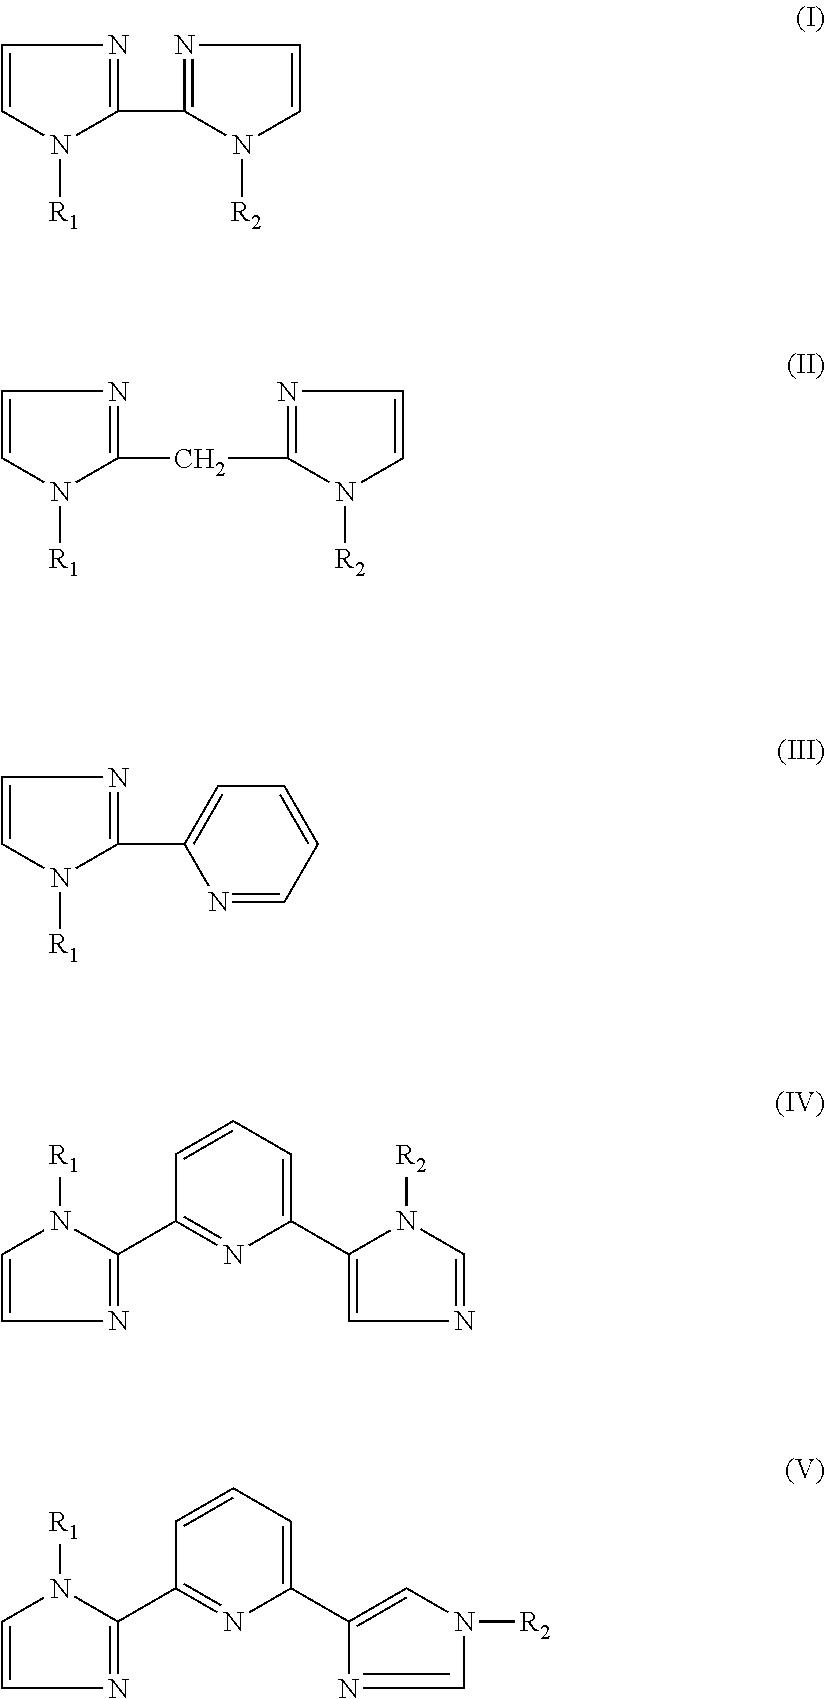 Figure US20100018872A1-20100128-C00001